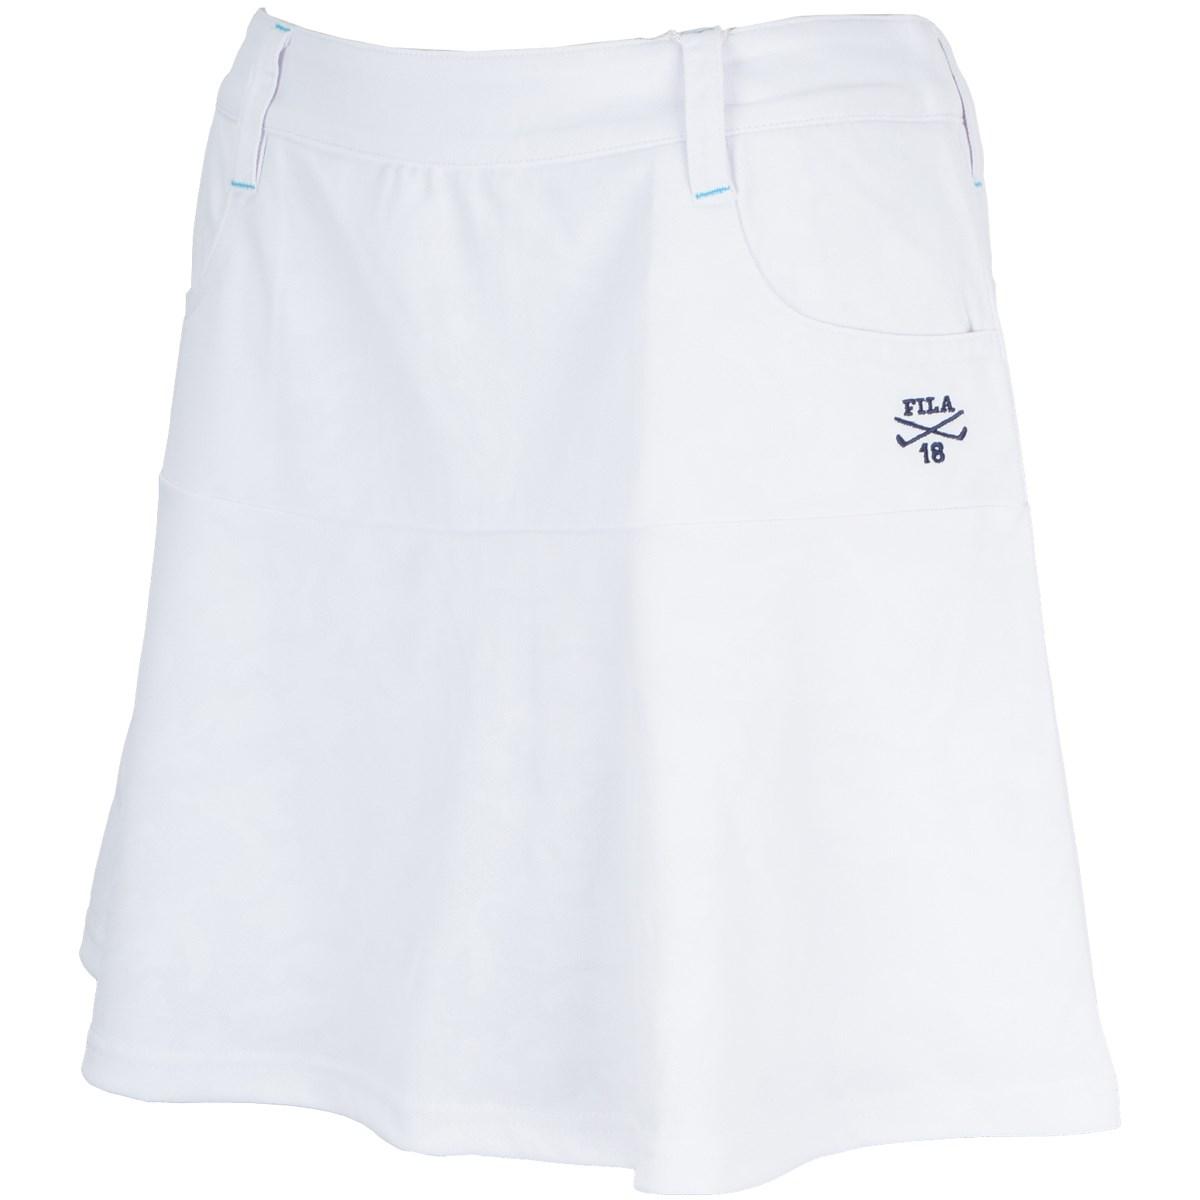 フィラ FILA スカート L ホワイト レディス